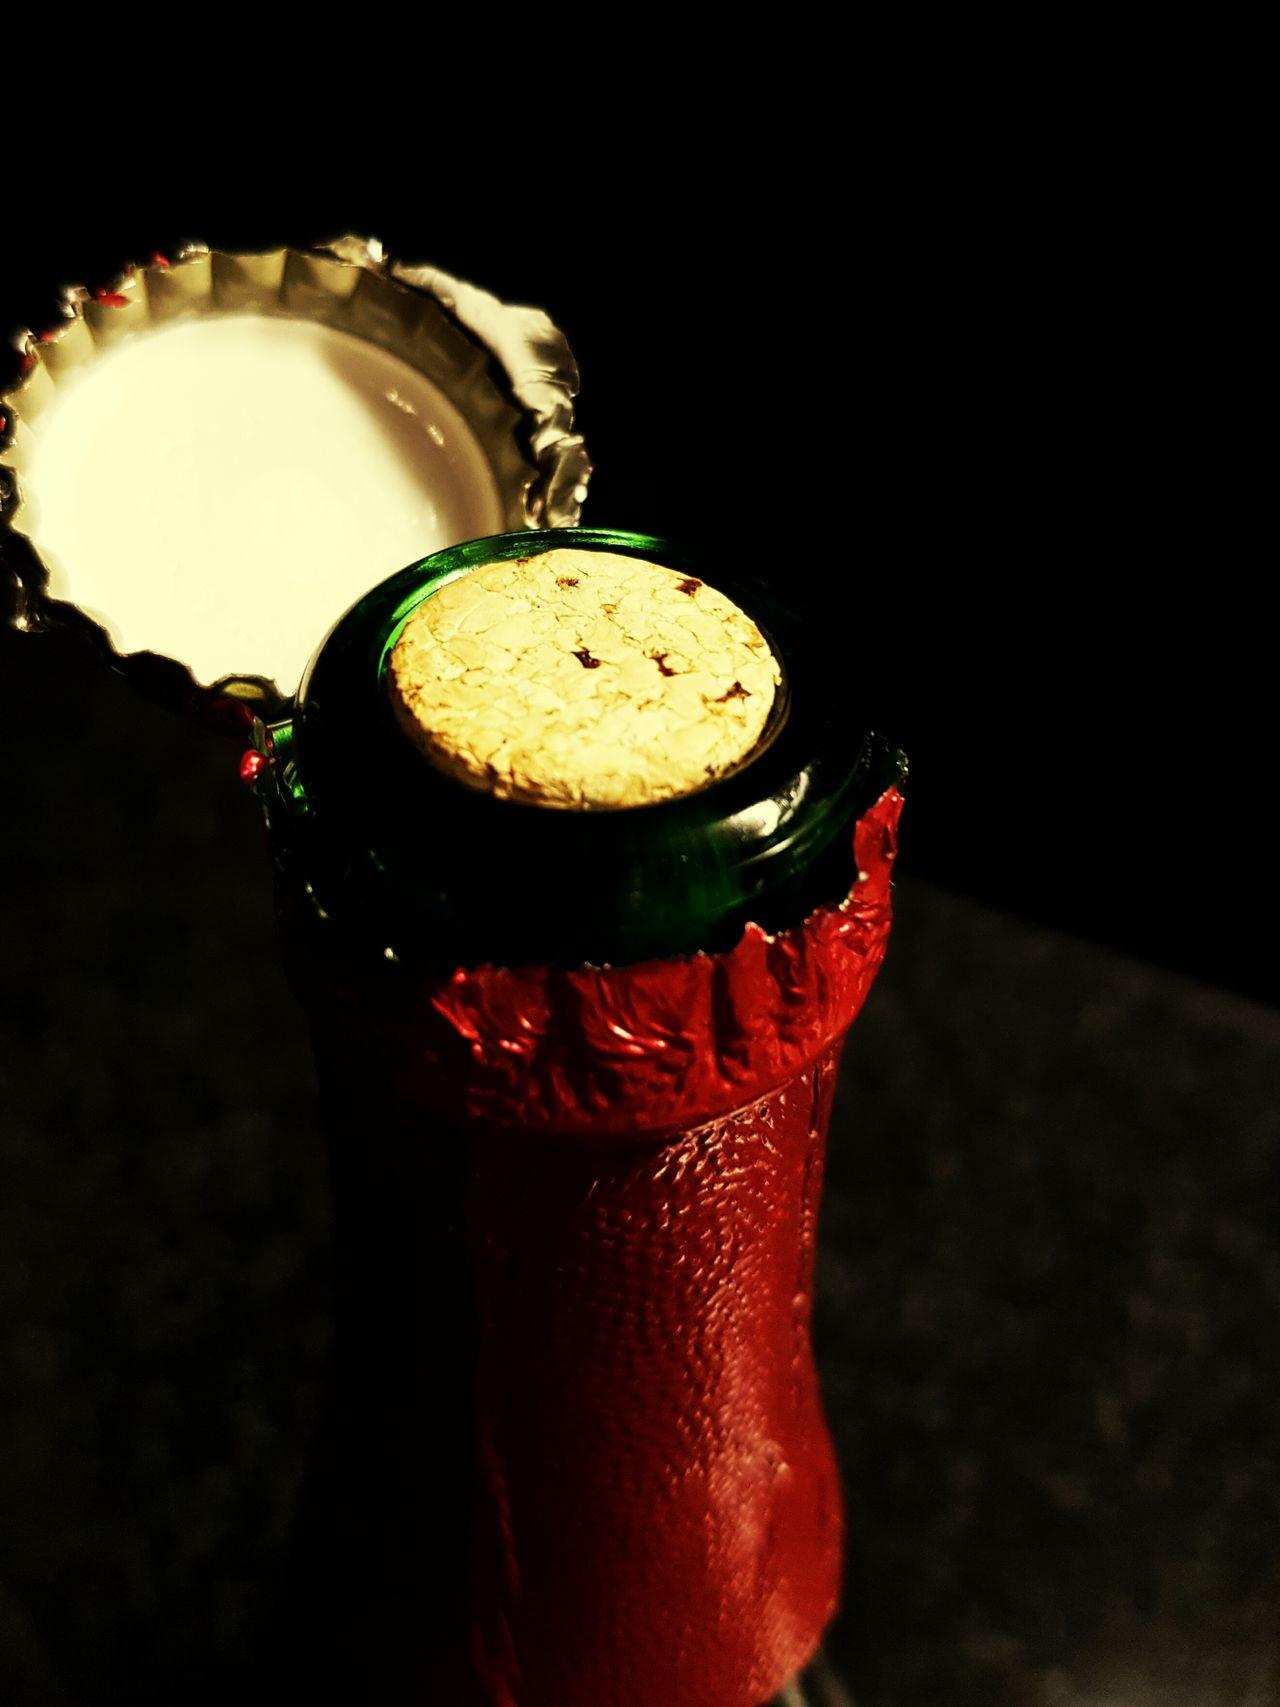 Bottle Cork Friday Cherries🍒 Kriek Lindemann Fruits ♡ Red Color EyeEm Gallery Belgian Beer Lambic  Cheers Close-up Eye4photography